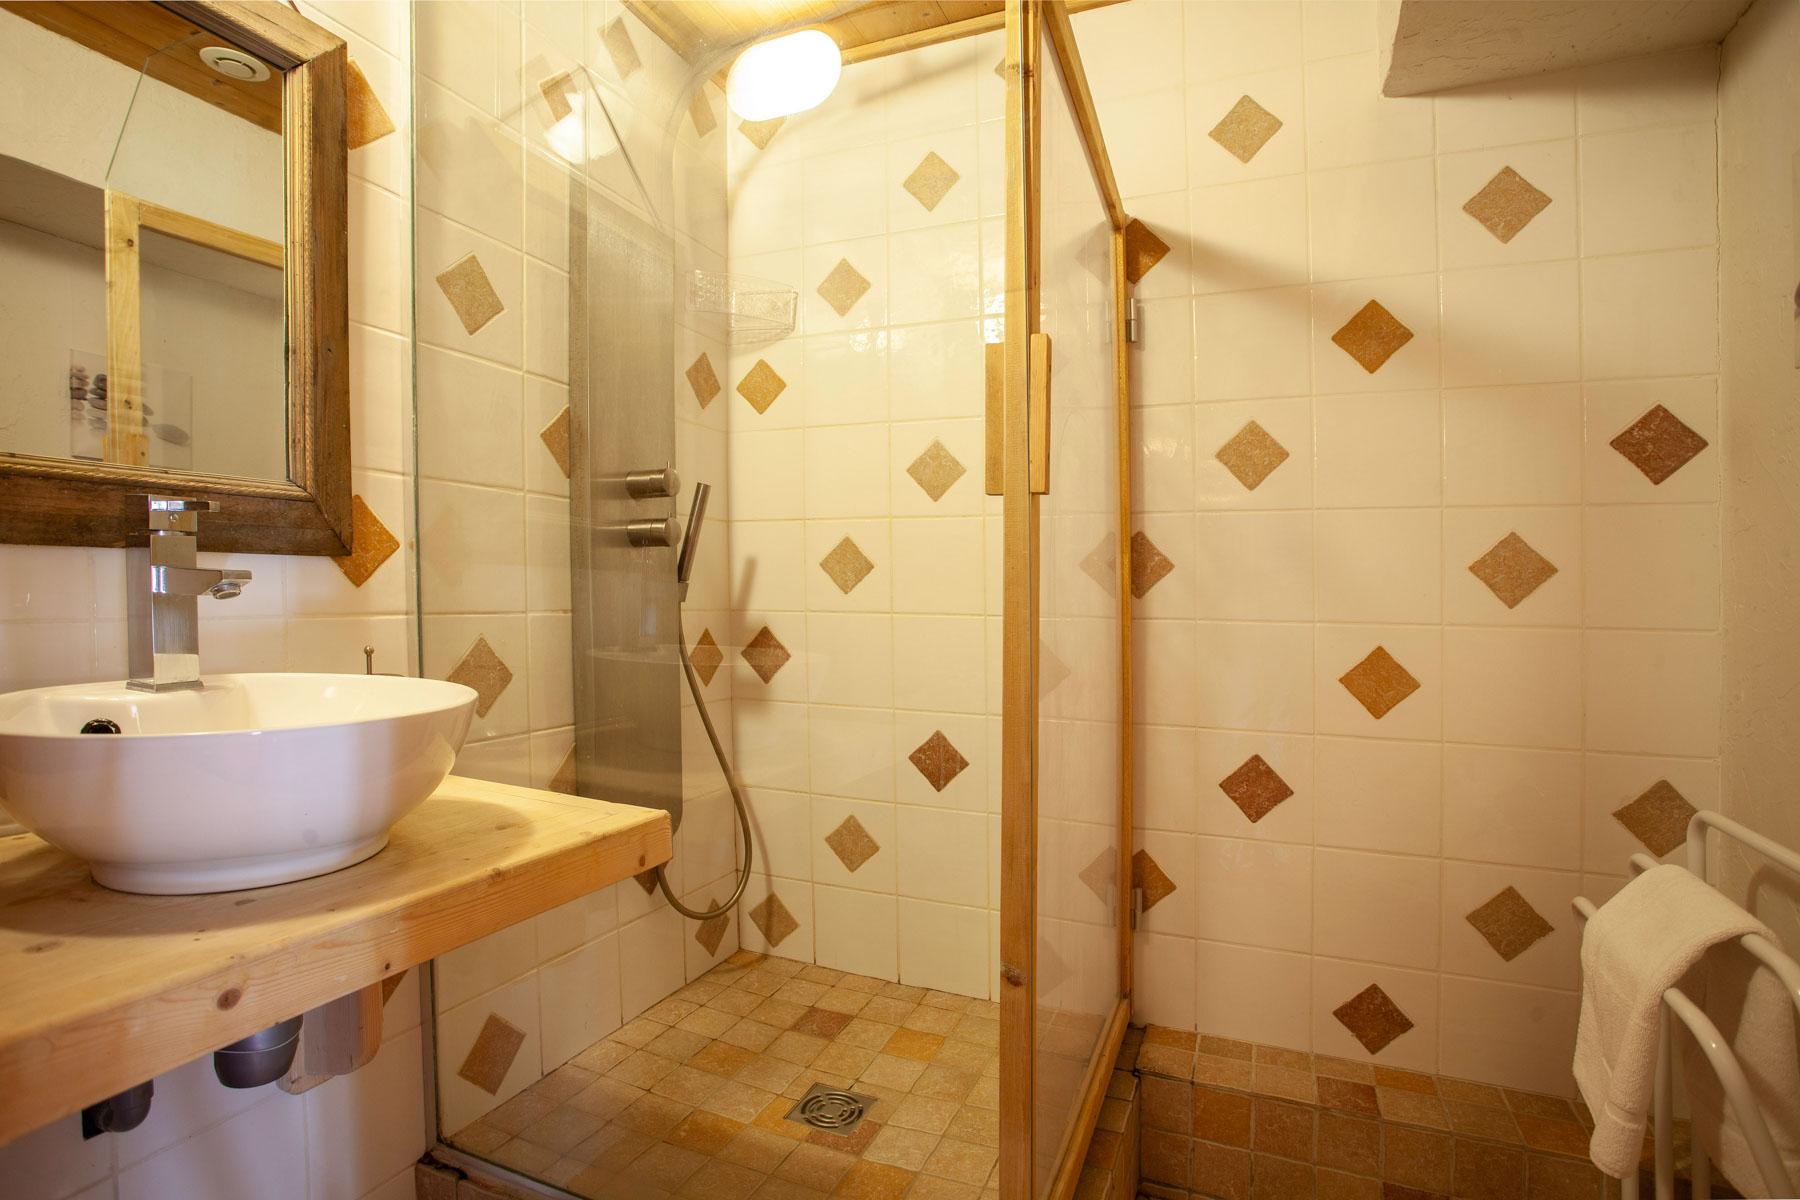 Avoriaz Appt 1954 En-Suite Shower Room